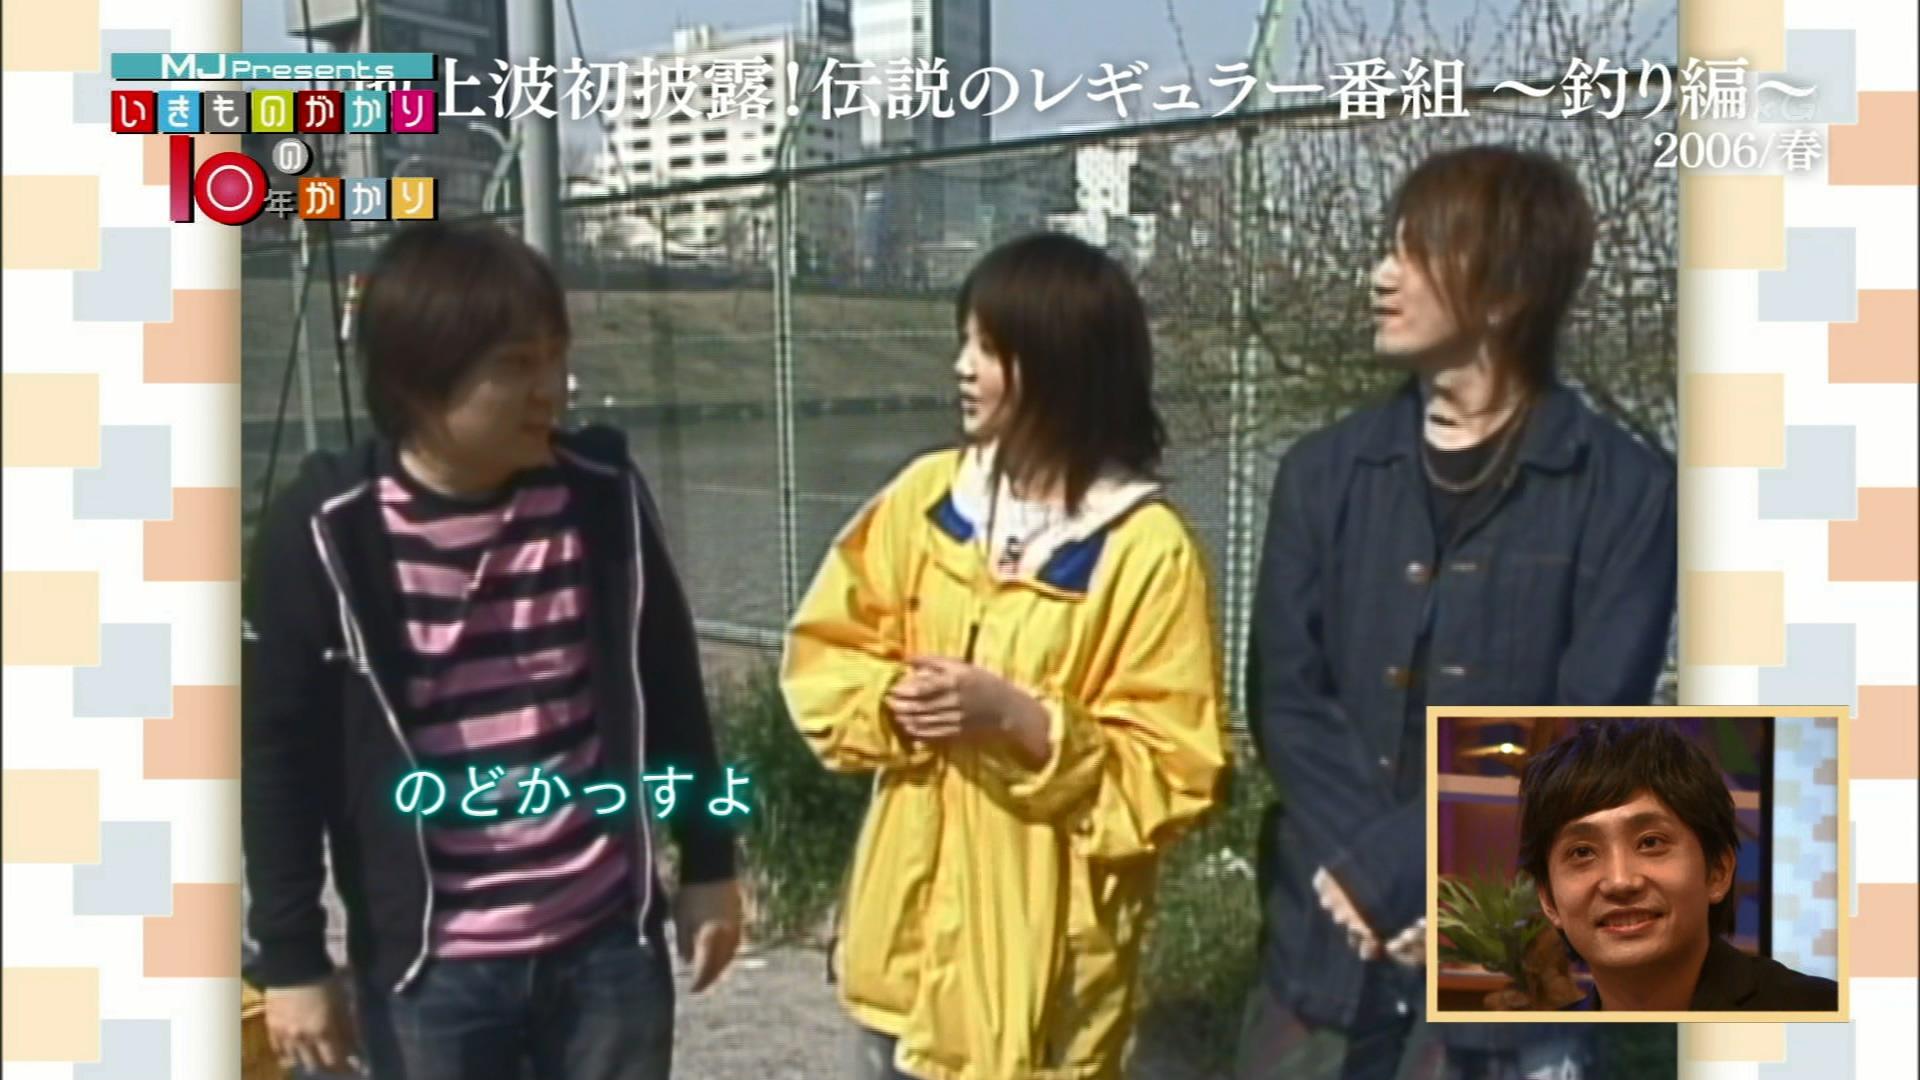 2016.03.20 いきものがかり - いきものがかりの10年がかり(MJ Presents).ts_20160321_024504.844